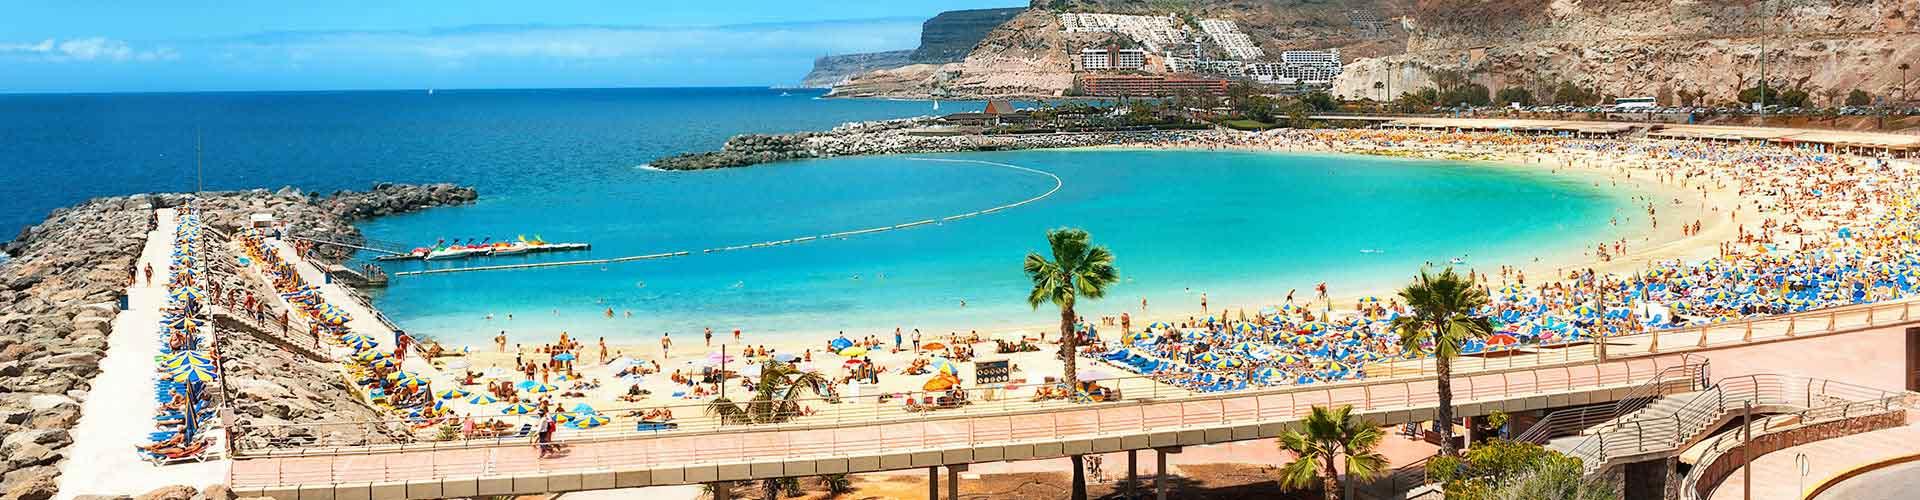 Gran Canaria - Camping à Gran Canaria. Cartes pour Gran Canaria, photos et commentaires pour chaque Camping à Gran Canaria.